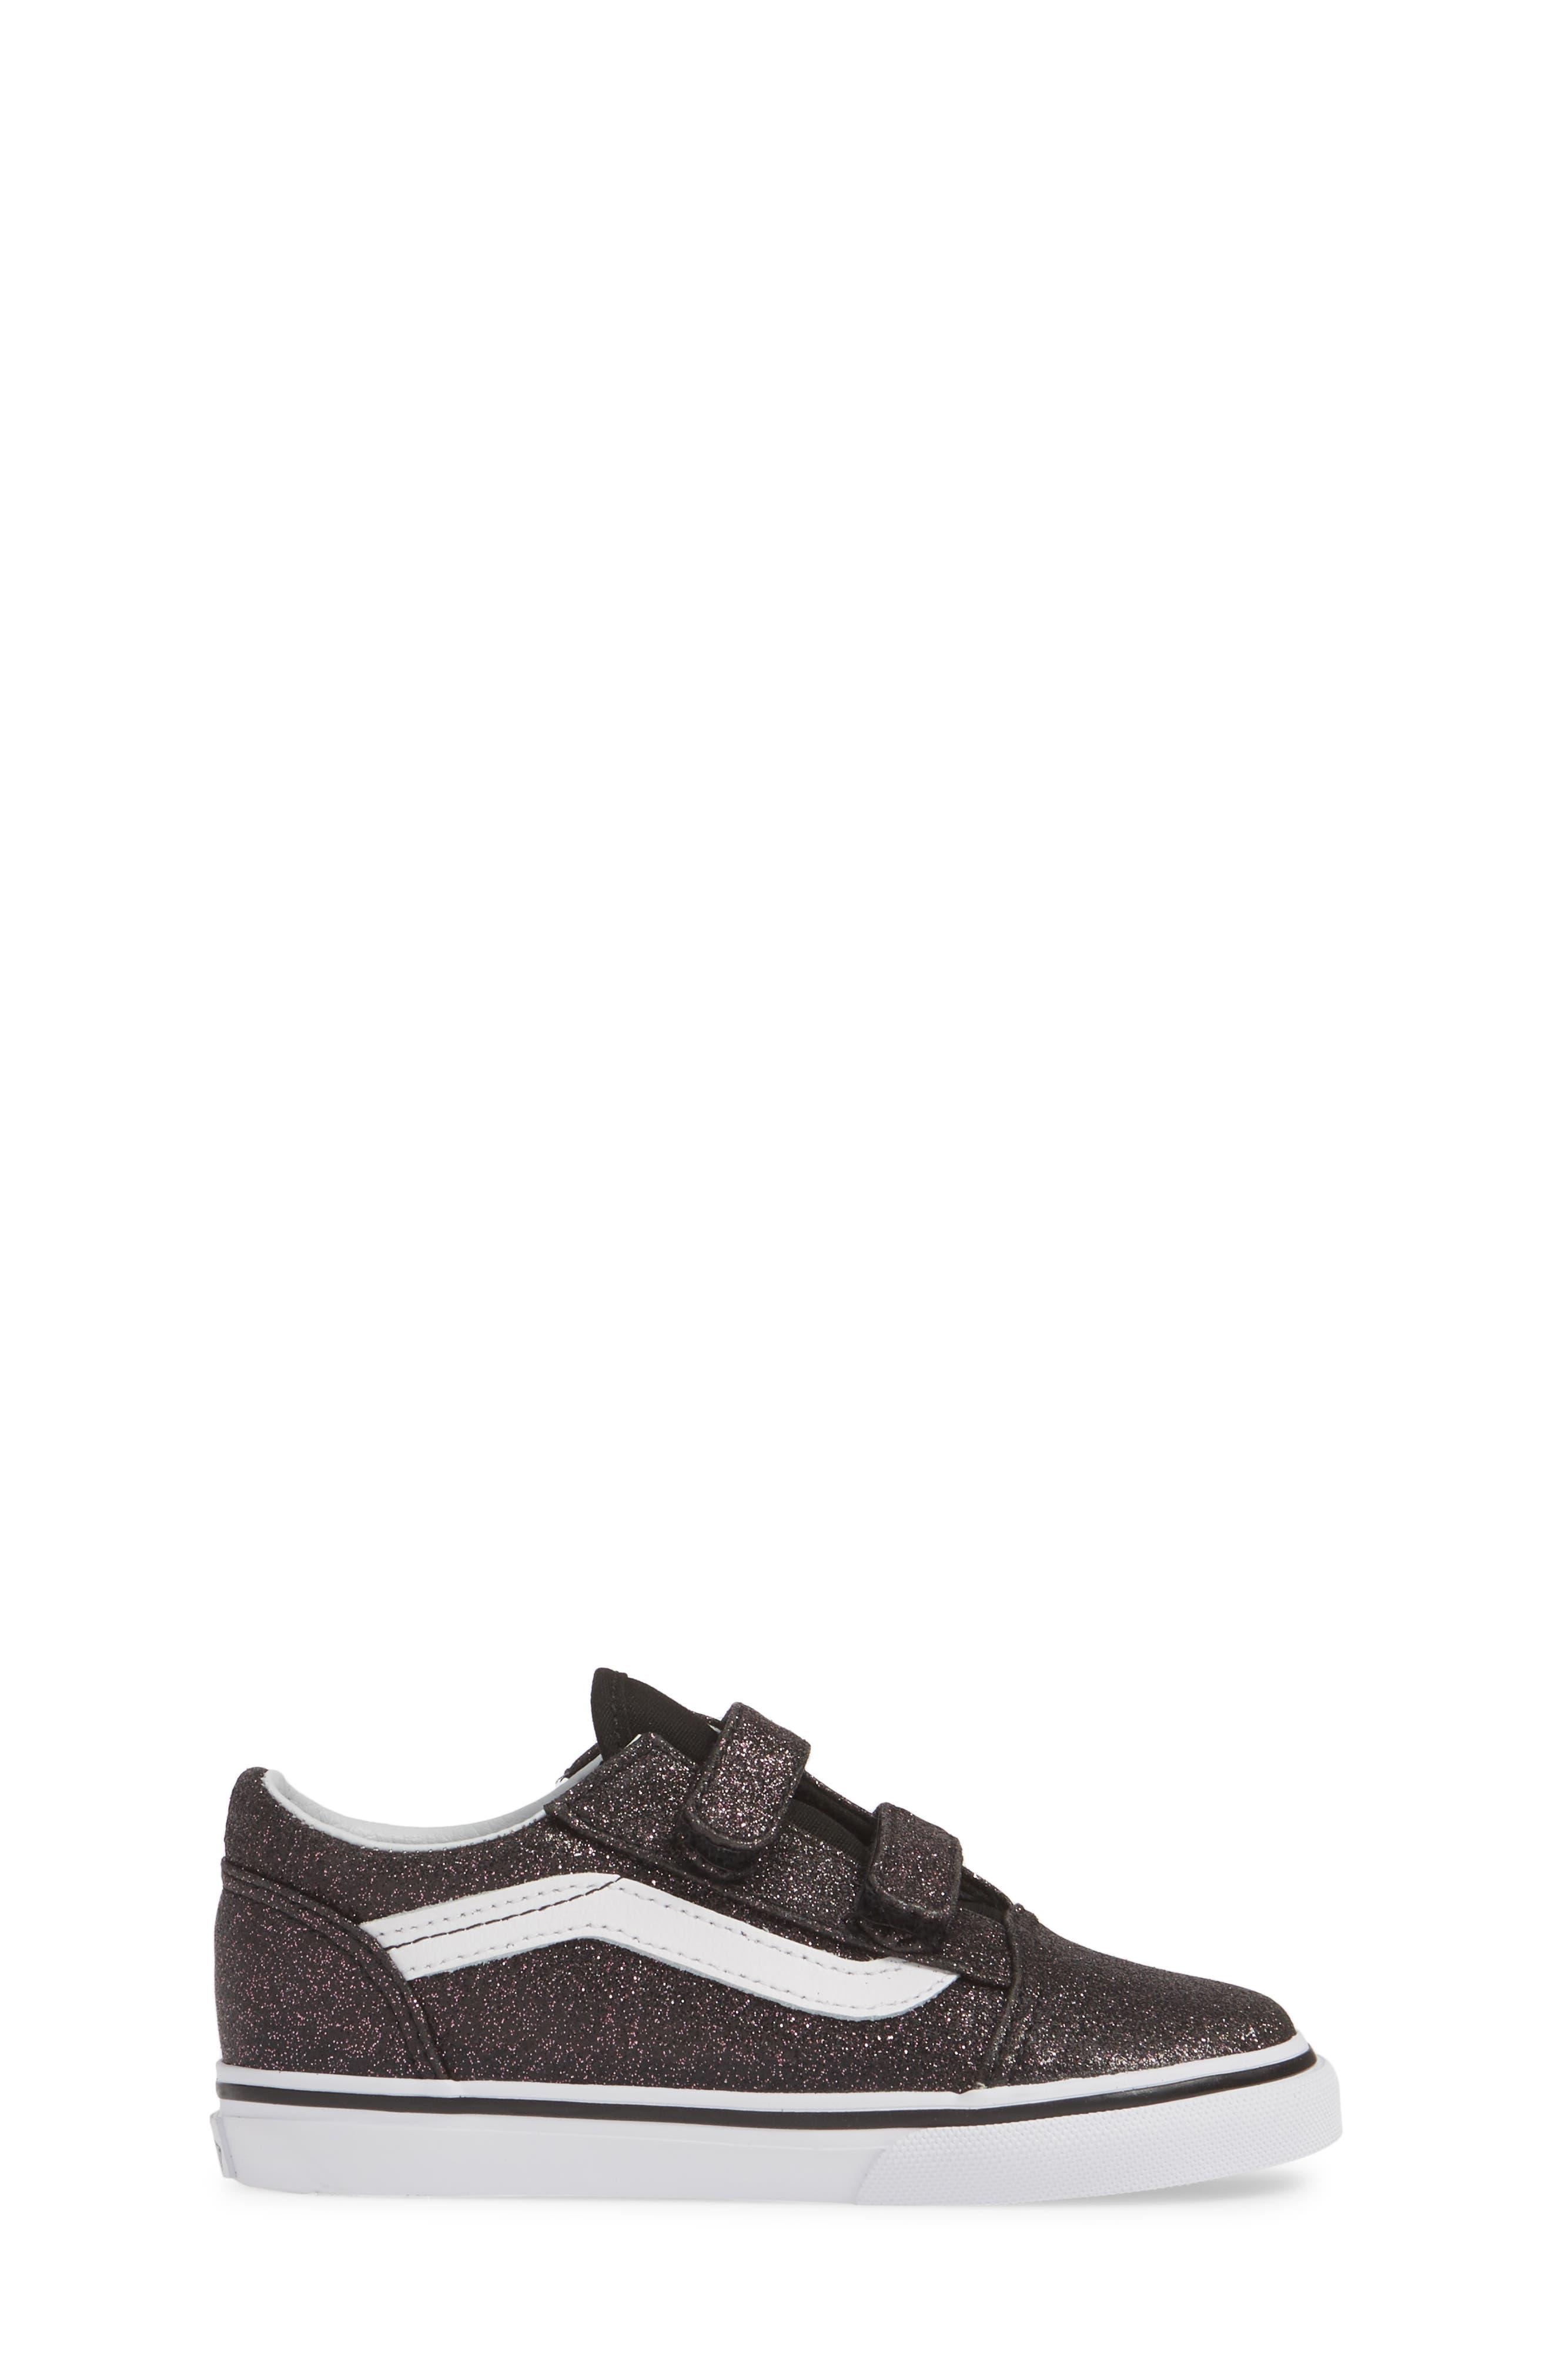 VANS, Old Skool V Glitter Sneaker, Alternate thumbnail 3, color, GLITTER STARS BLACK/ WHITE